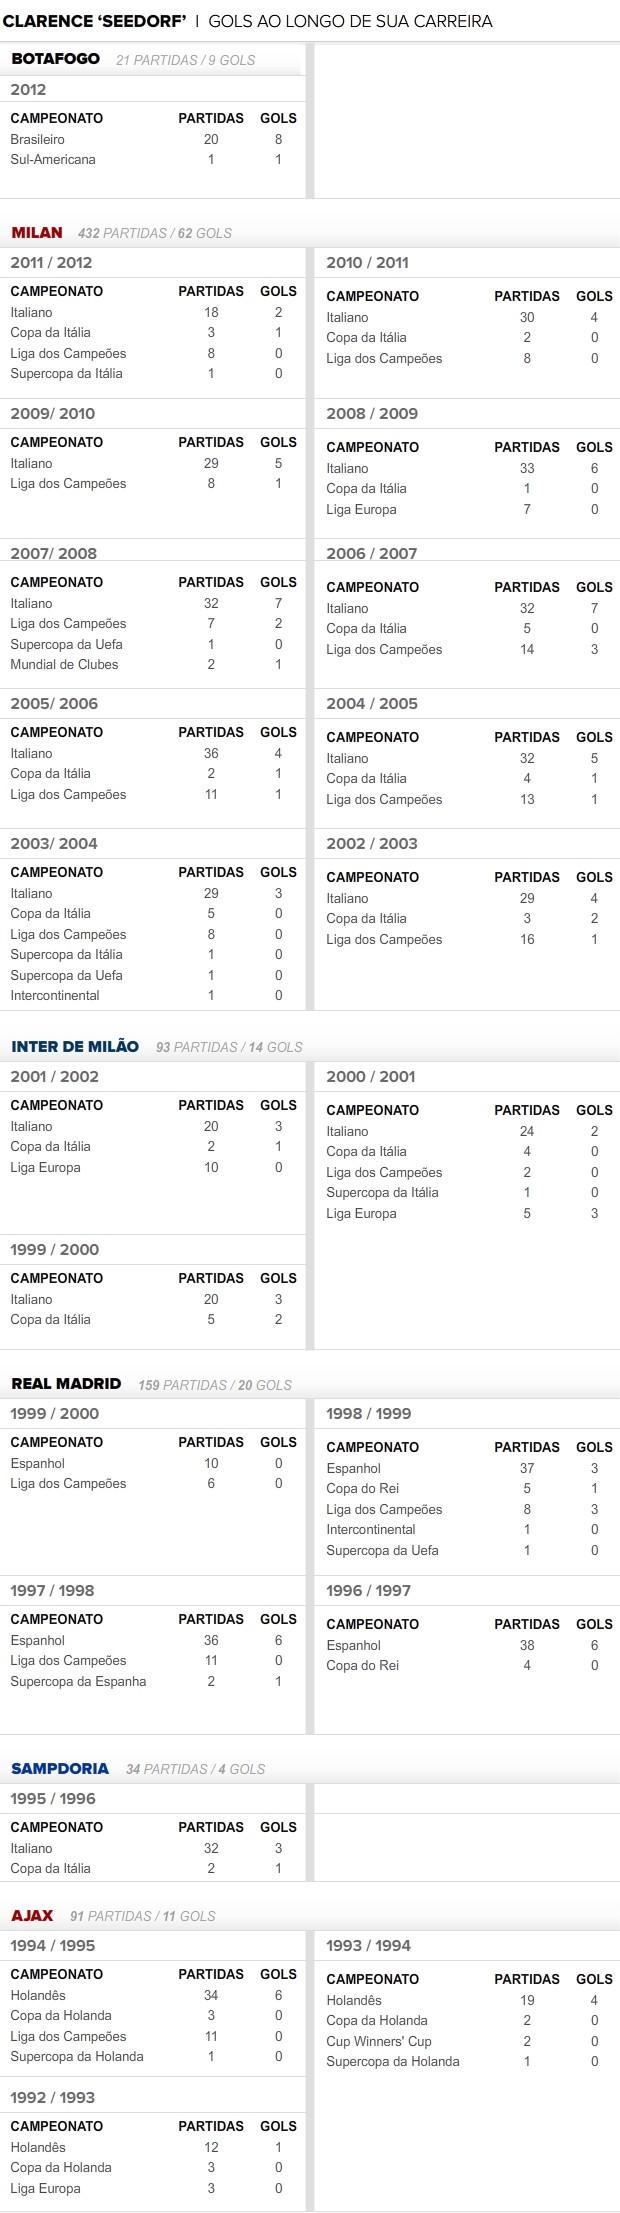 info gols do seedorf (Foto: arte esporte)